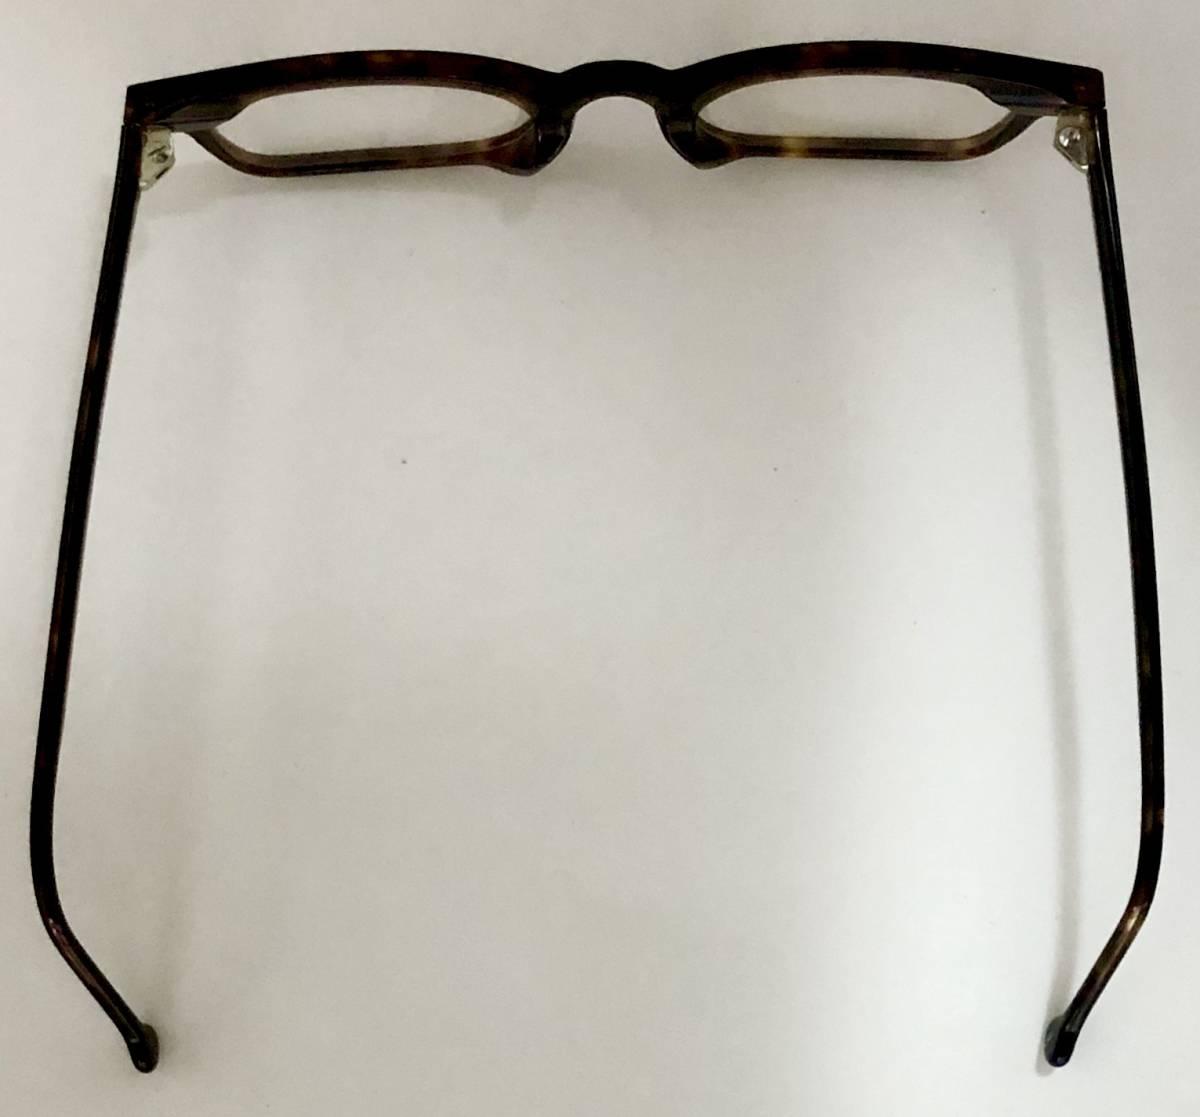 ビンテージ・未使用】1990年代 l.a. Eyeworks イタリア製 べっ甲色 高級メガネ エルエーアイワークス /ヴィンテージ 米国ブランド_画像9